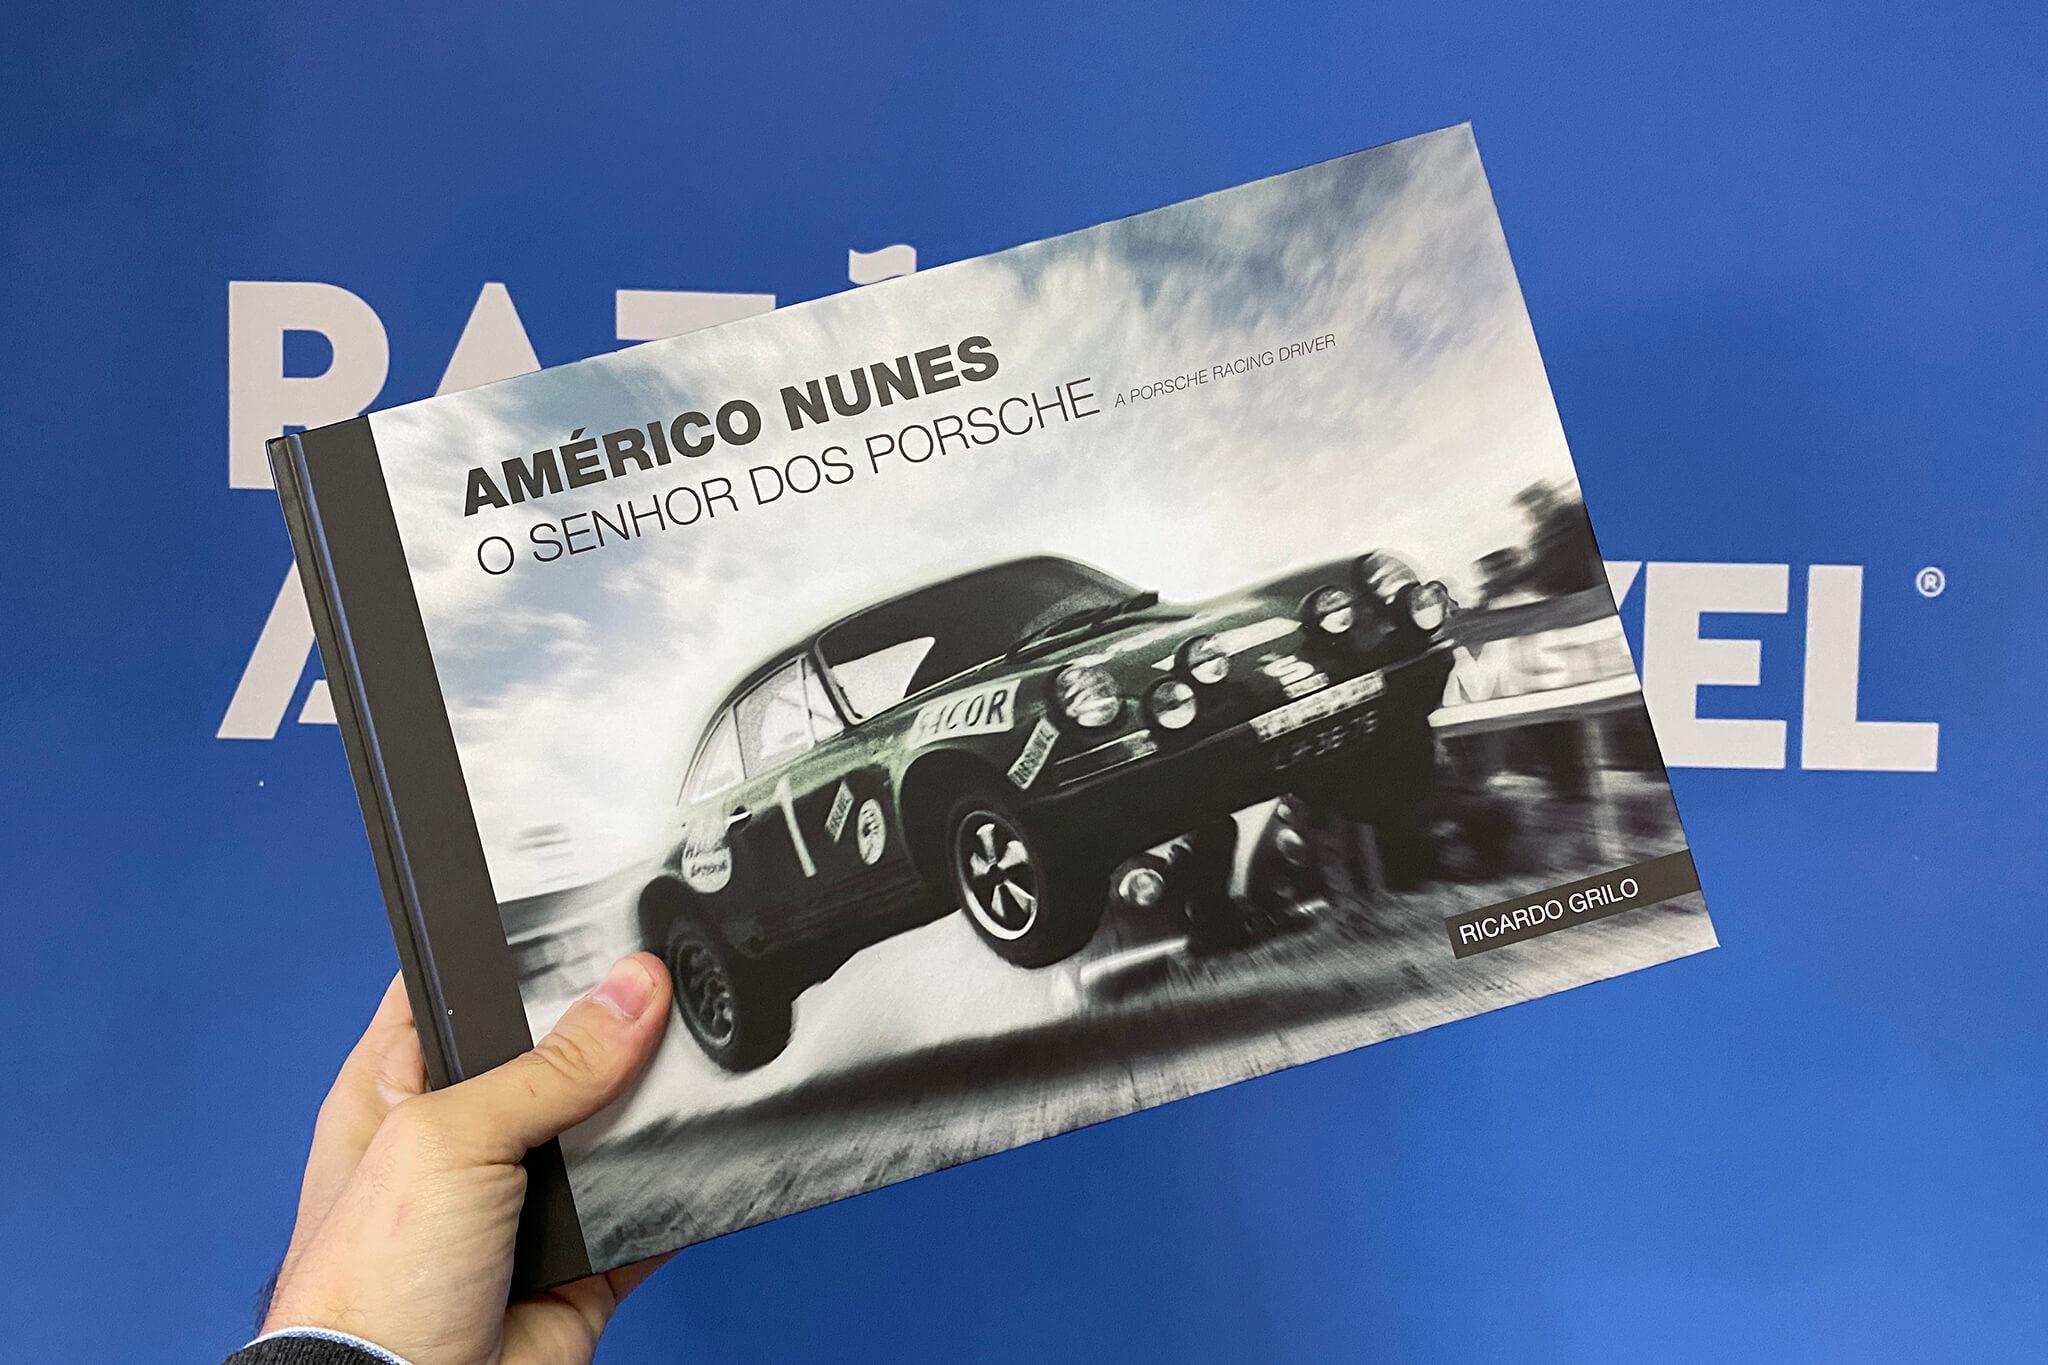 Américo Nunes, o Senhor dos Porsche